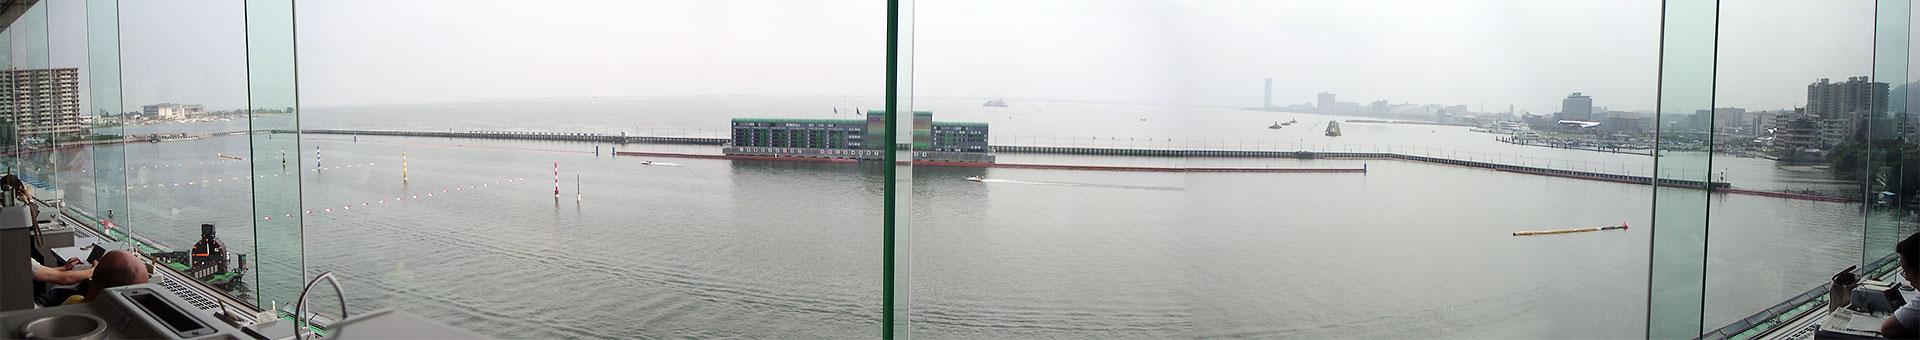 びわこ競艇場4階からパノラマ